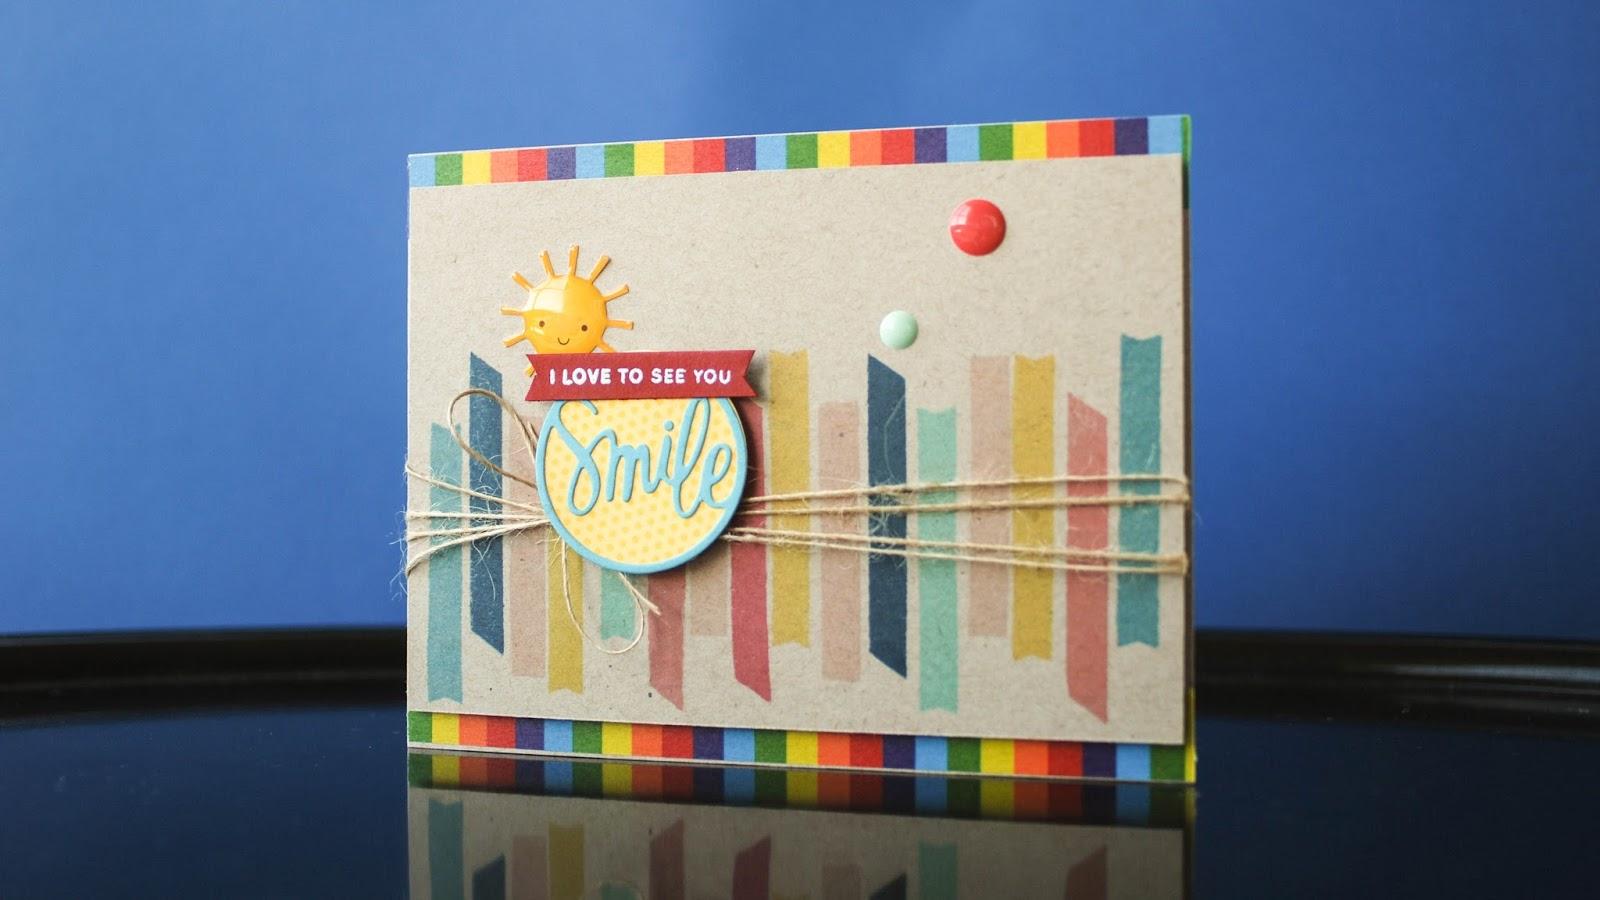 simon says stamp card kit june 2015 -stamping on kraft paper using dye inks